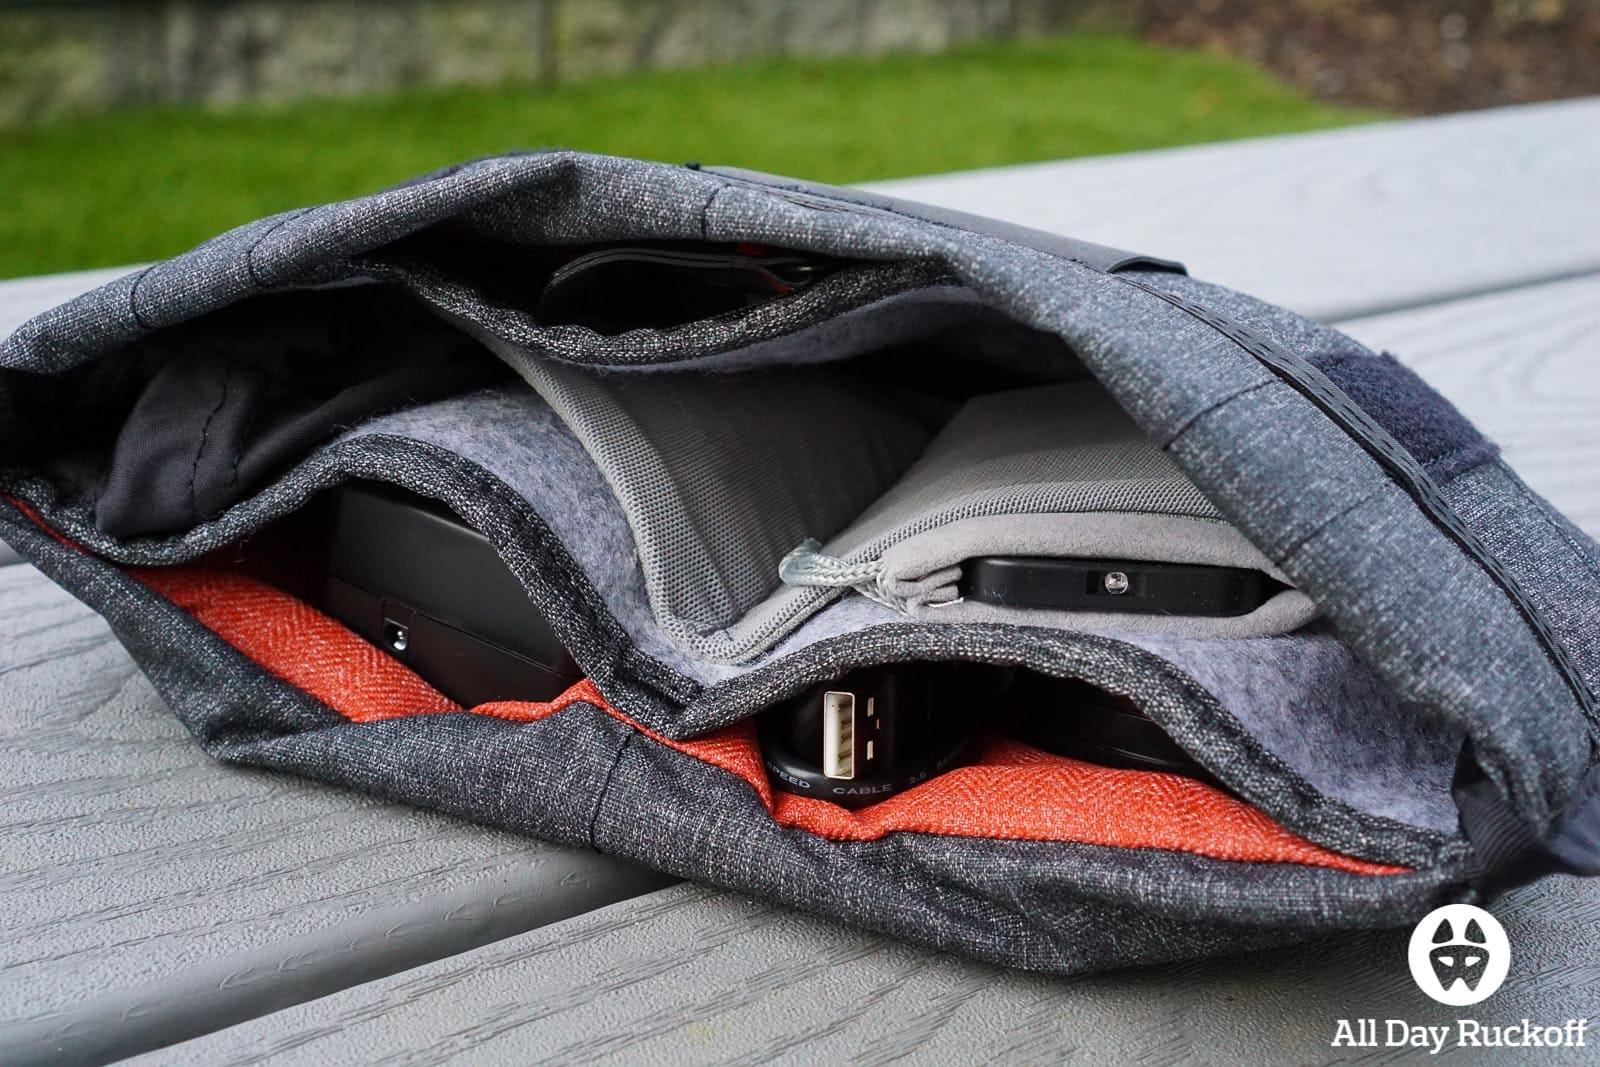 Peak Design Field Pouch - Inside Folded